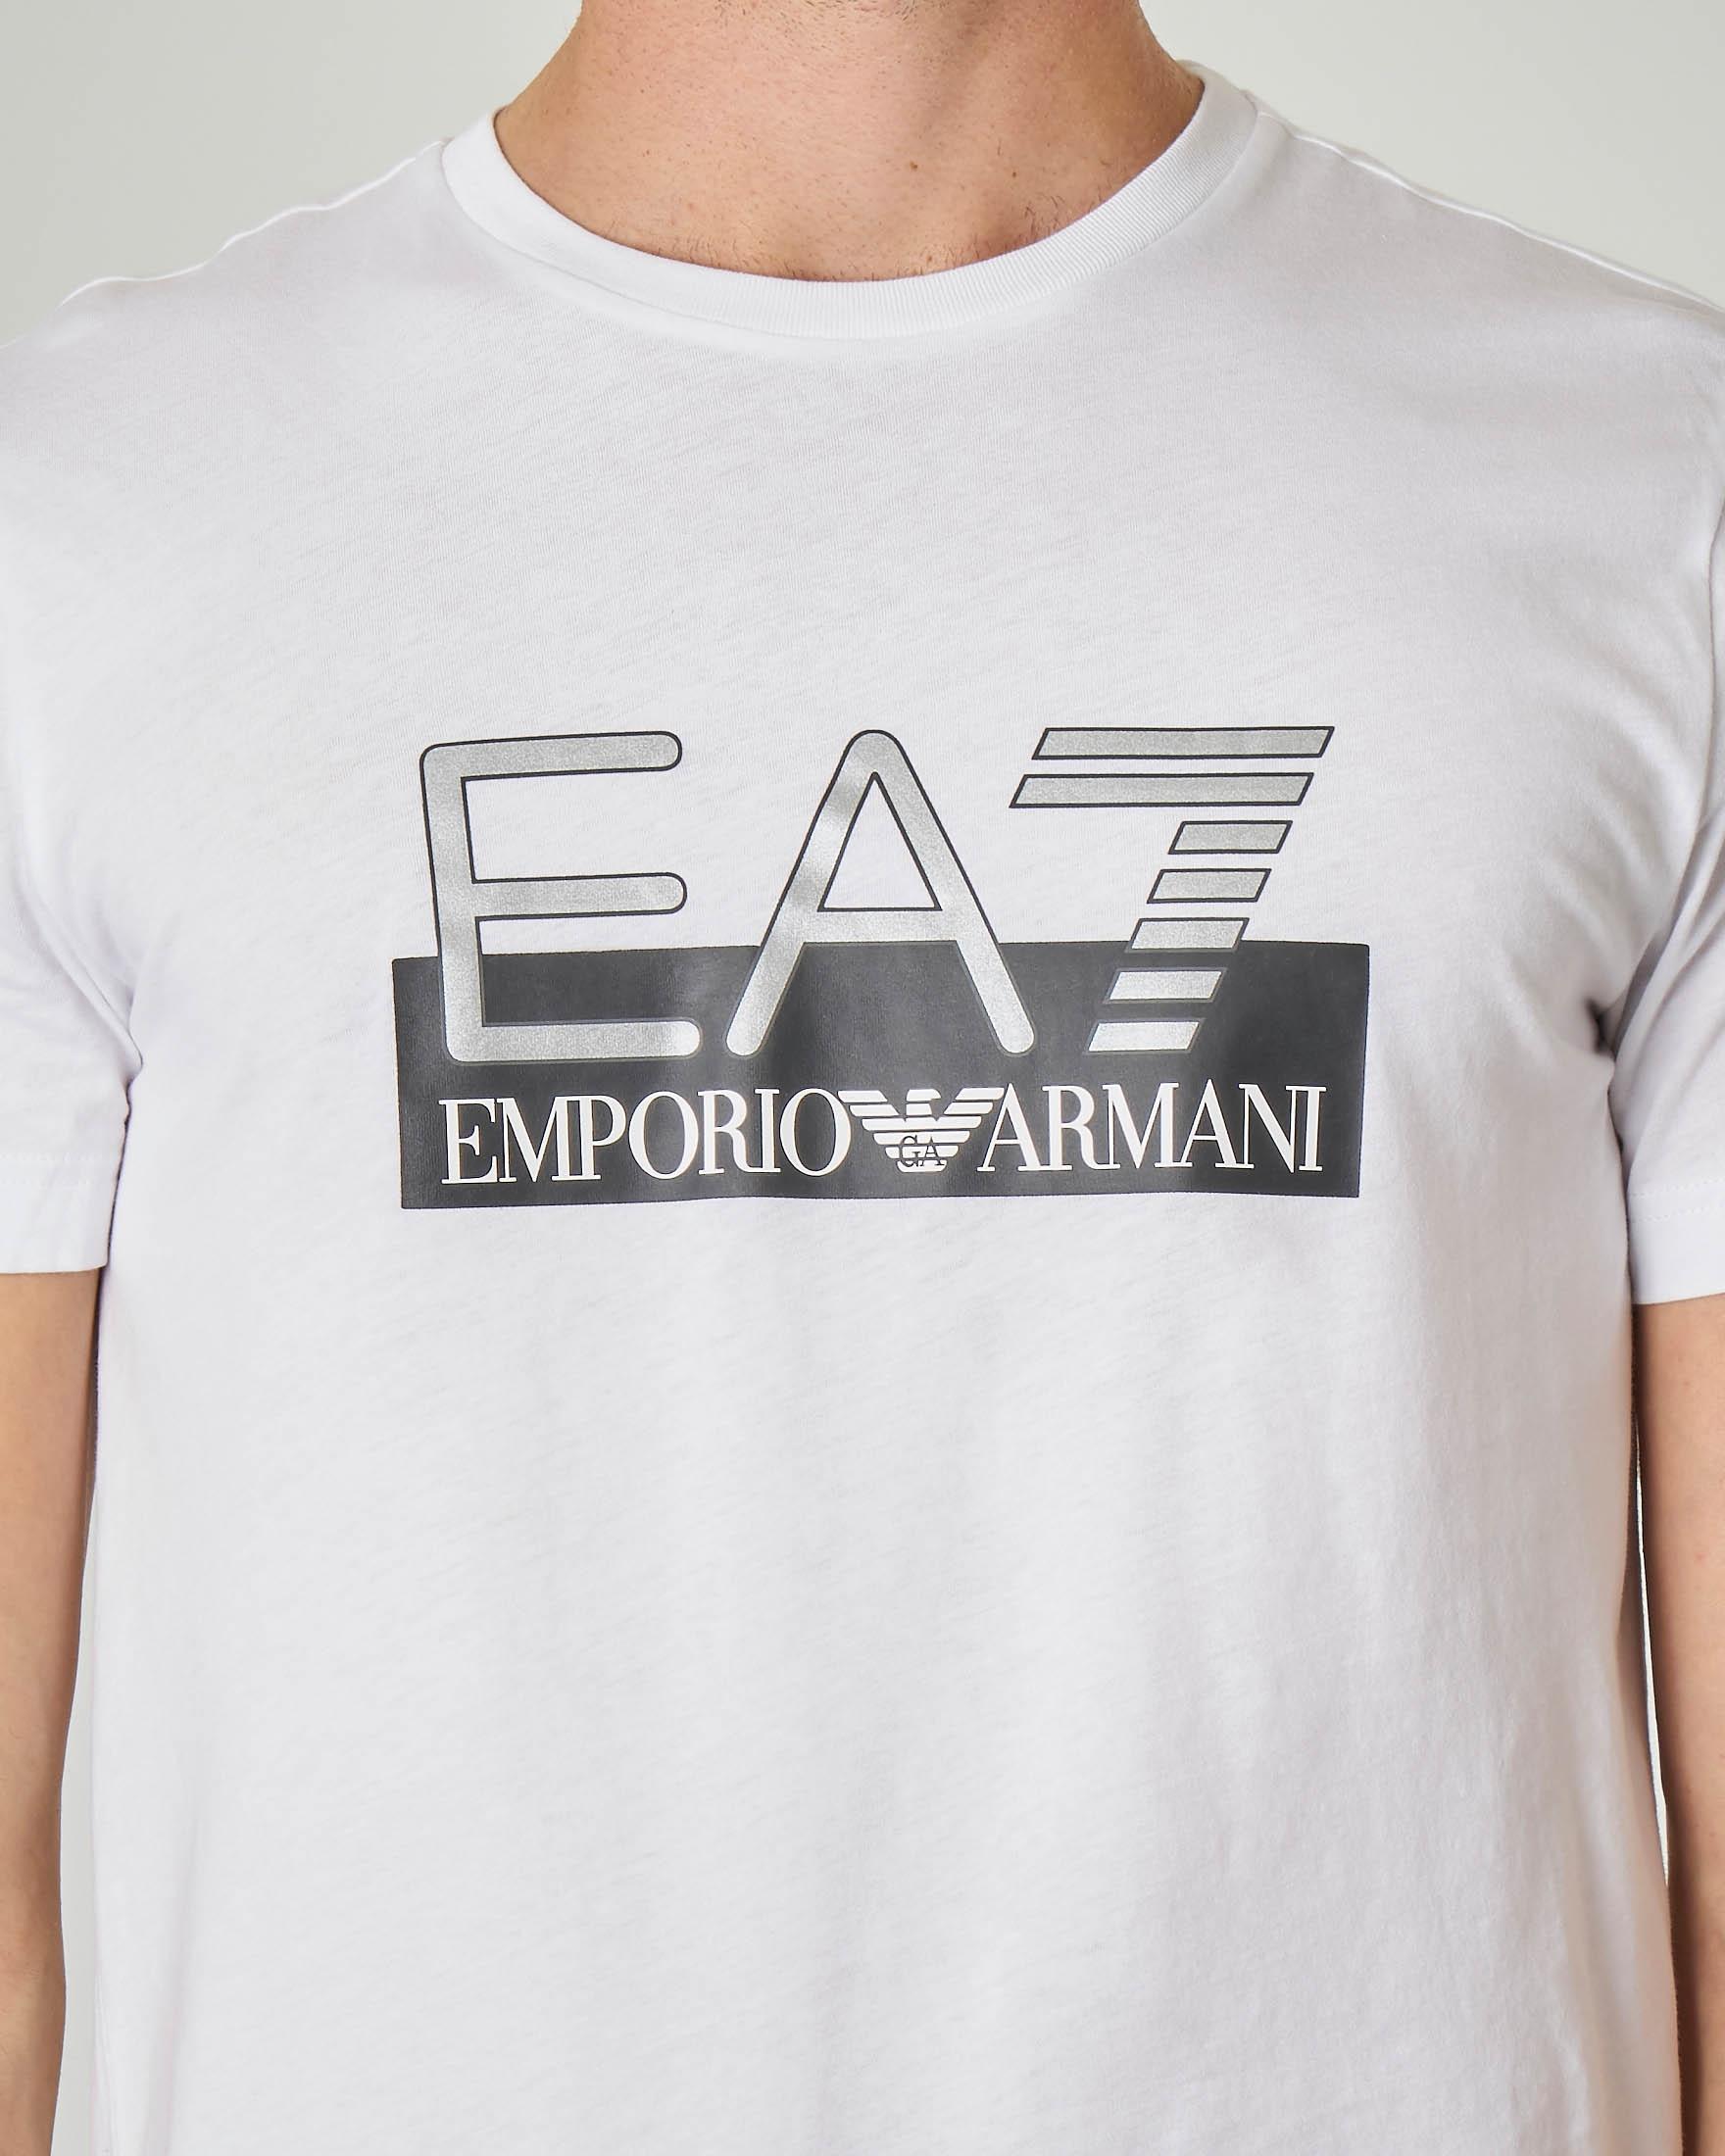 T-shirt bianca con logo EA7 argento sul petto